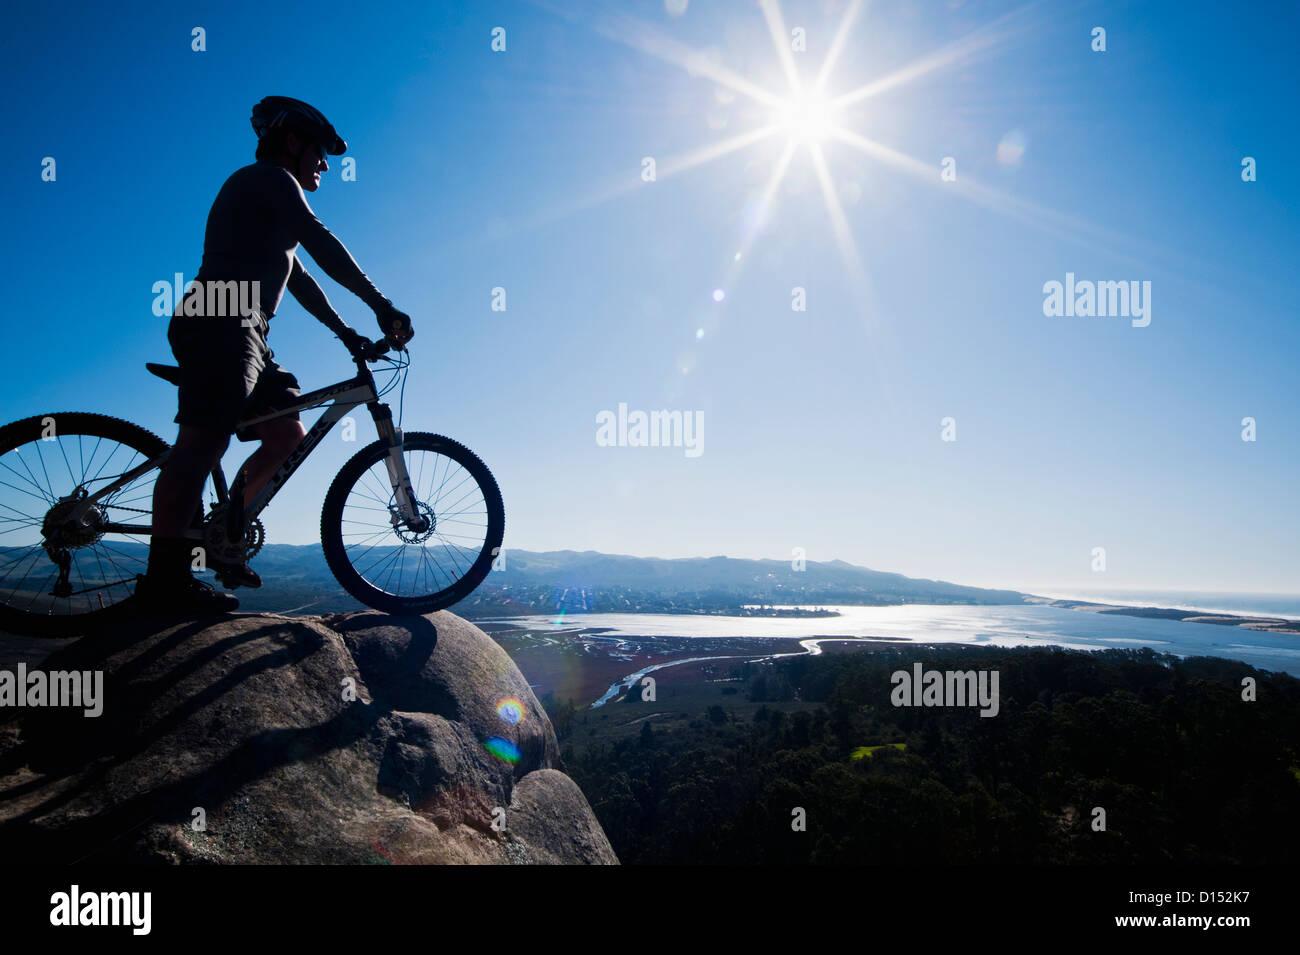 Kalifornien, Morro Bay State Park, Mann auf Fahrrad sieht über Morro Bay von Klippe. Stockbild